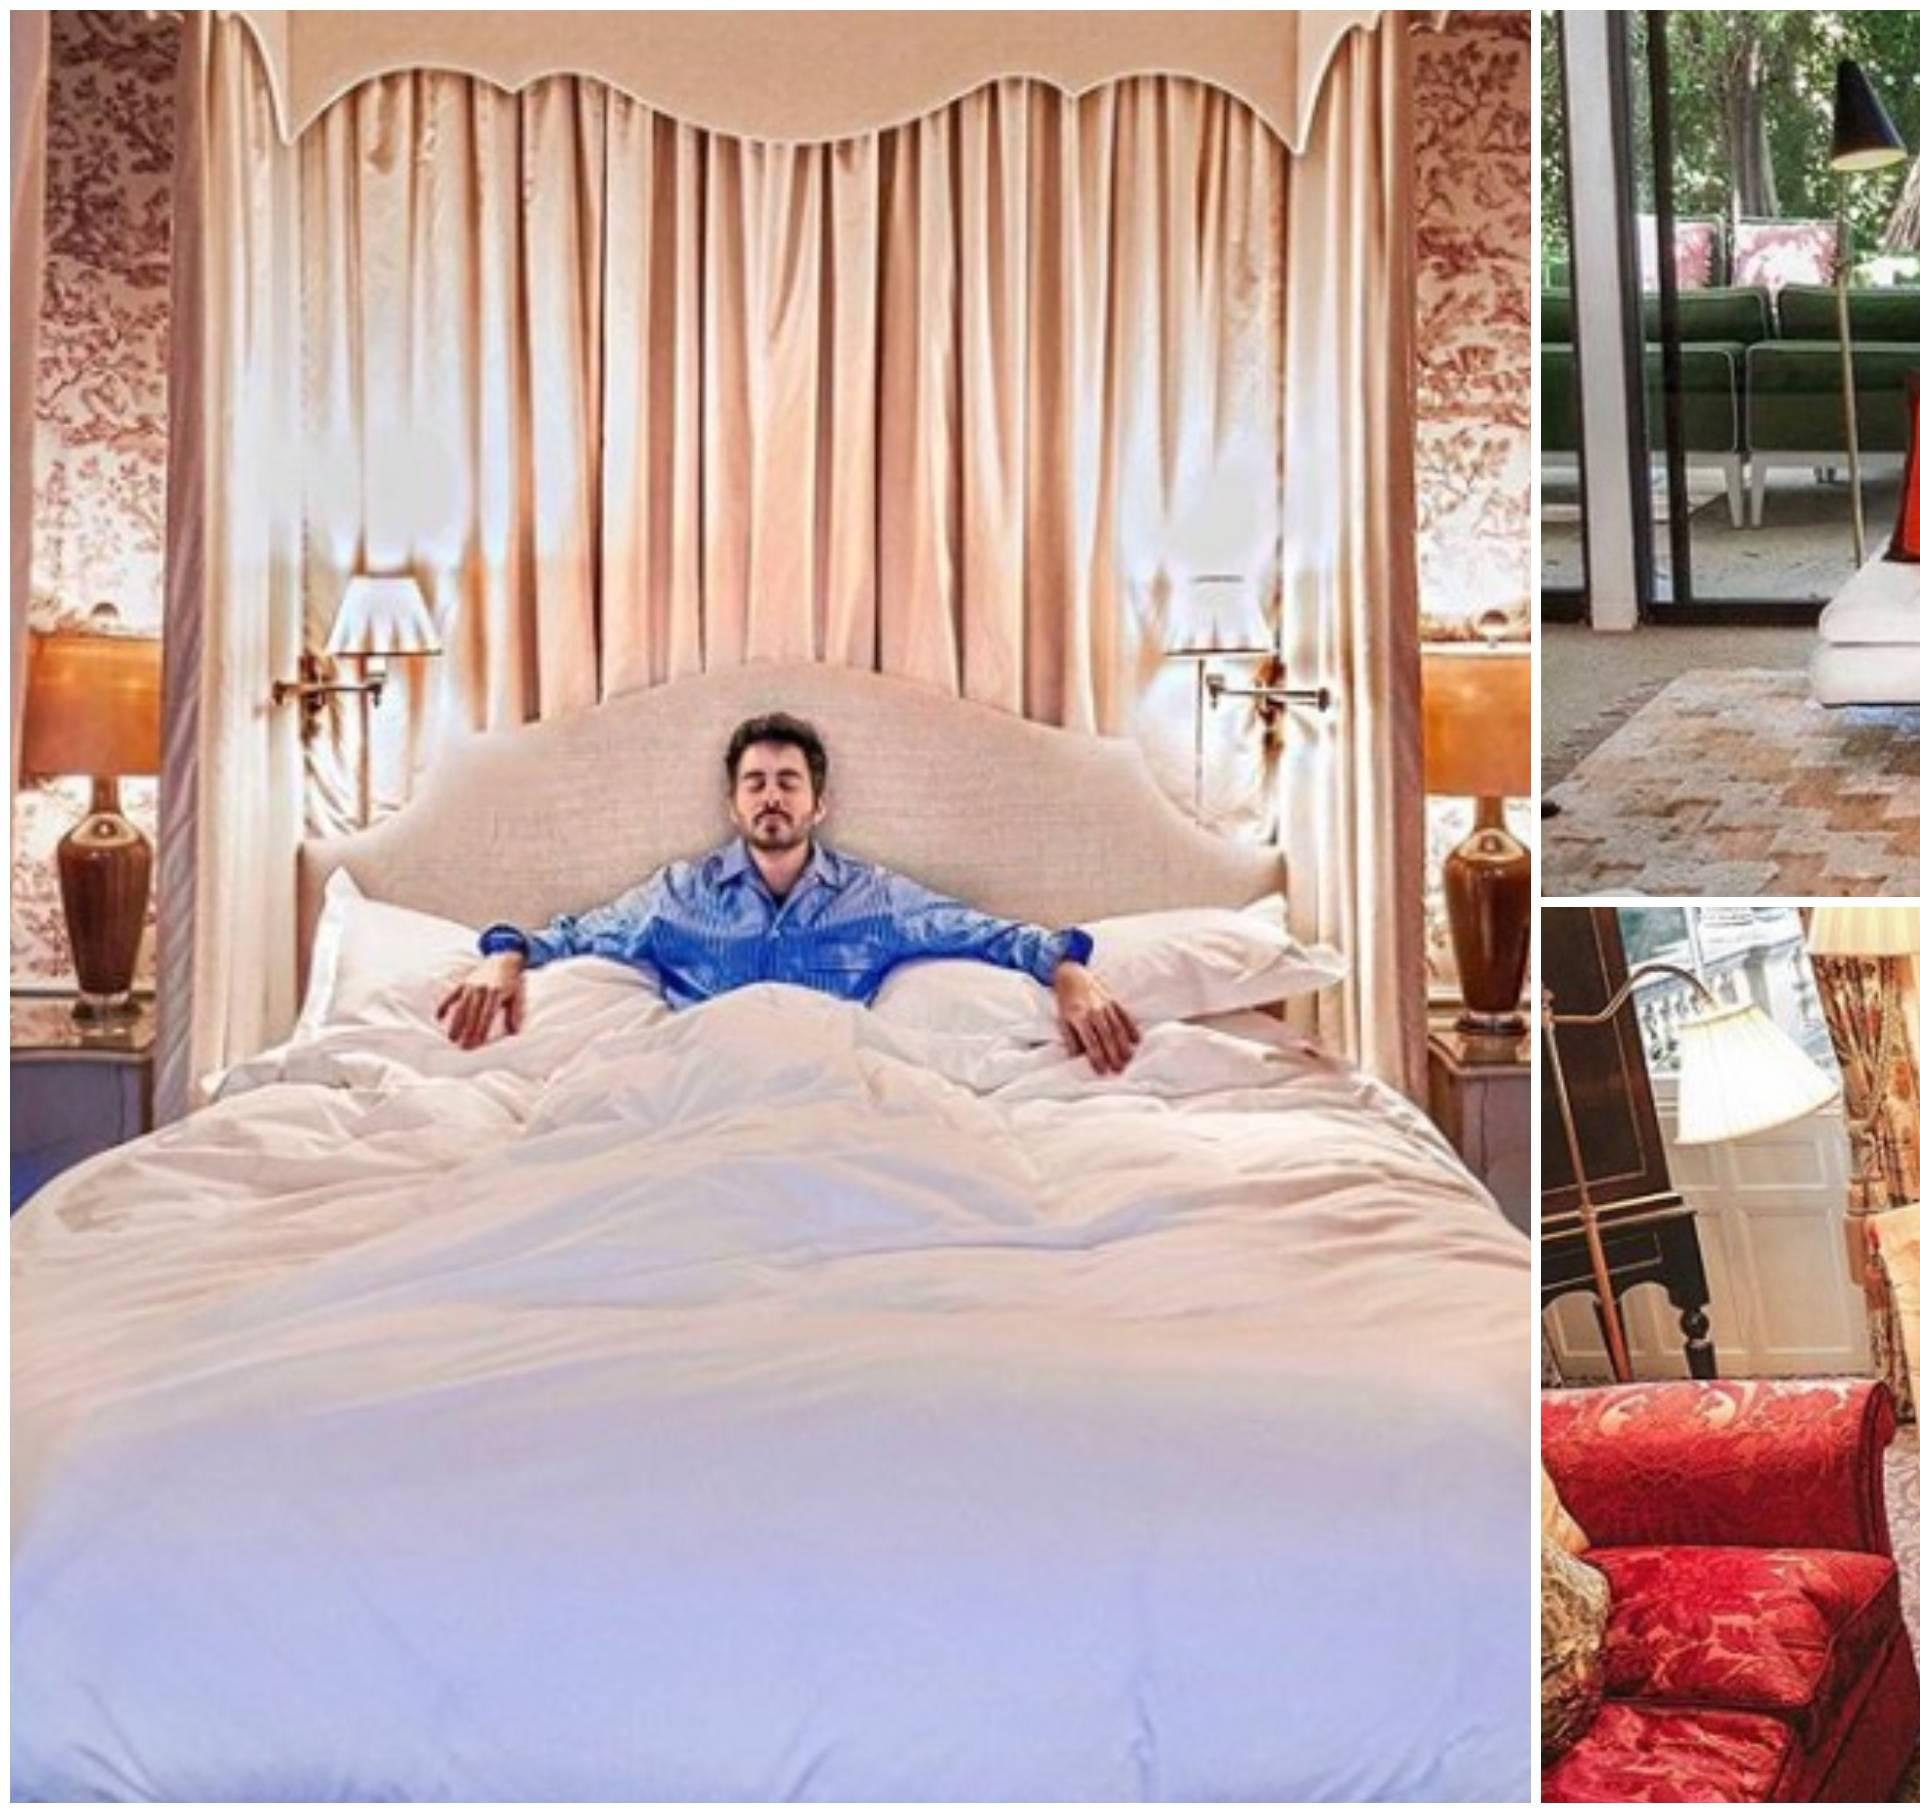 Prvi lijeni influencer: Masno mi plaćaju da spavam po hotelima